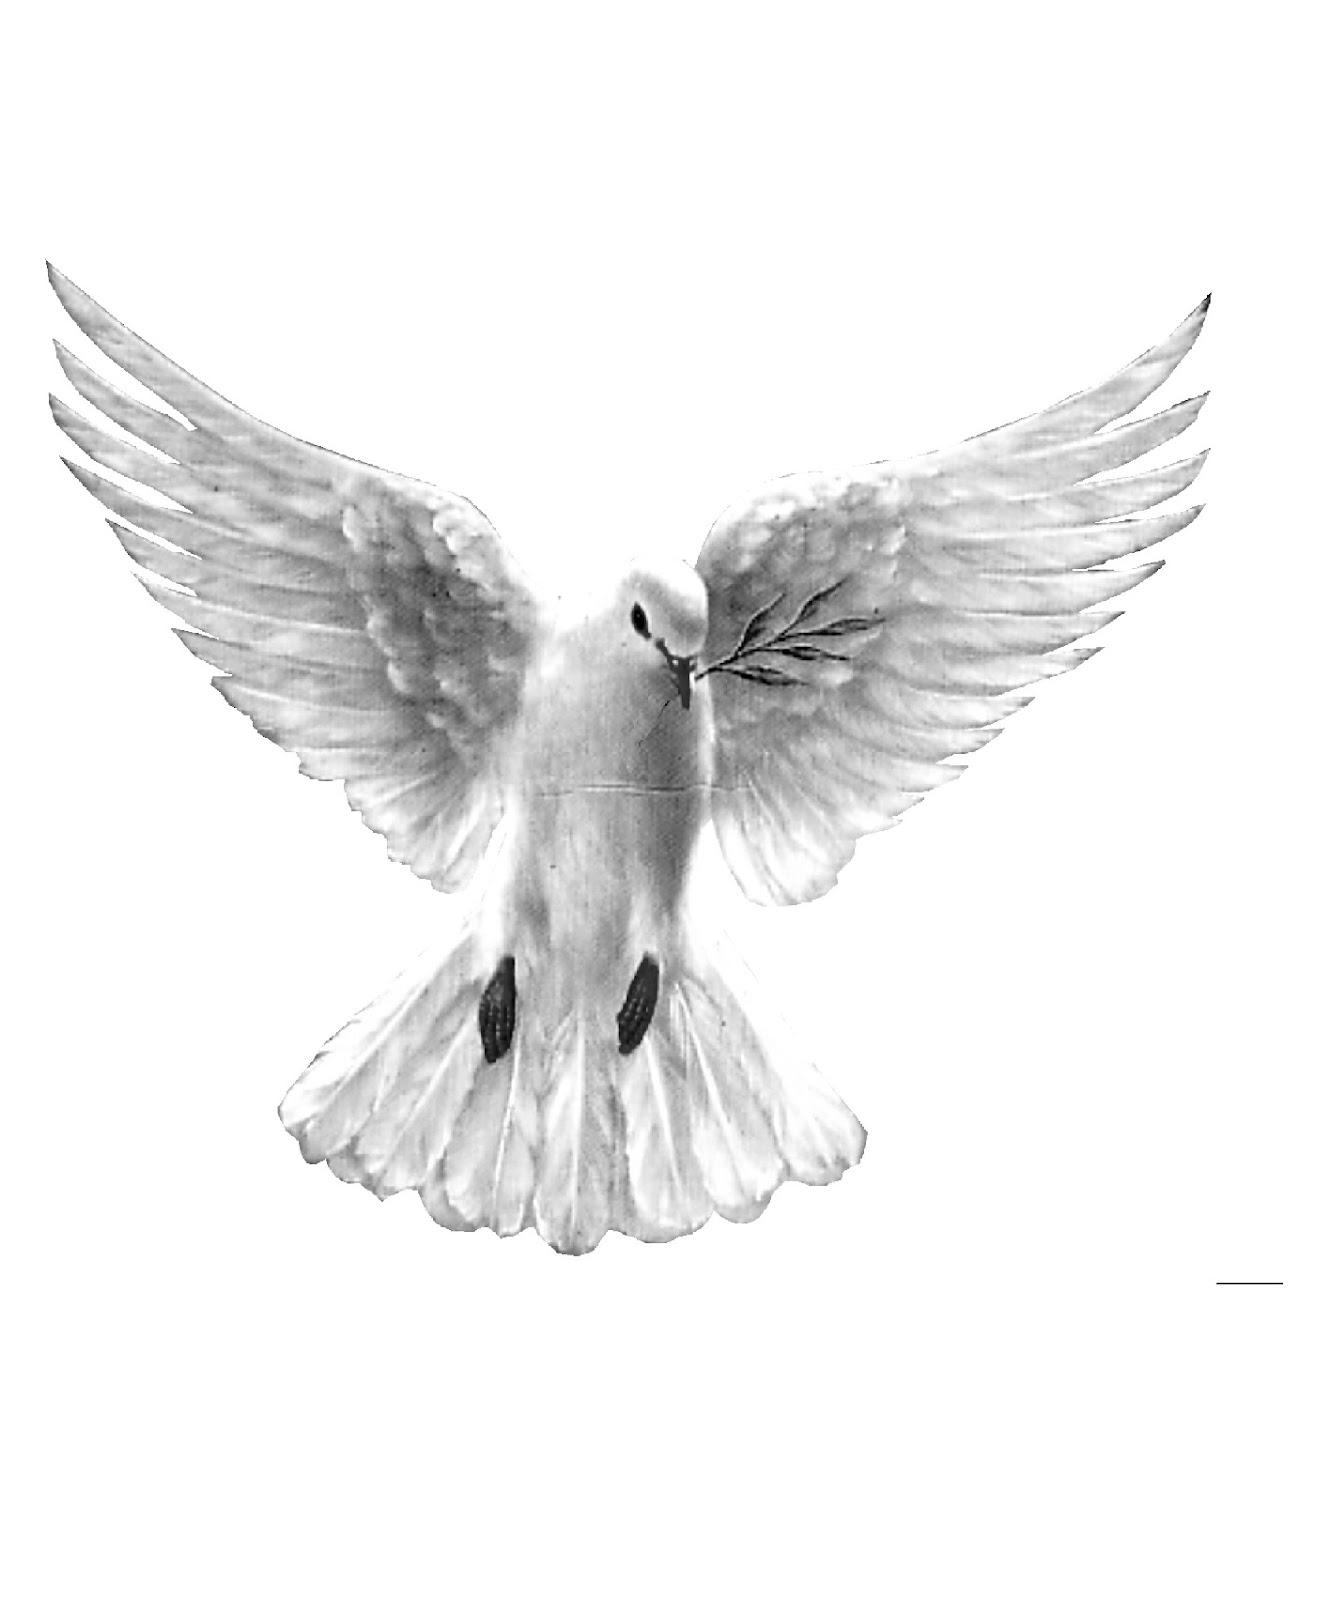 Gambar Ilustrasi Burung Merpati